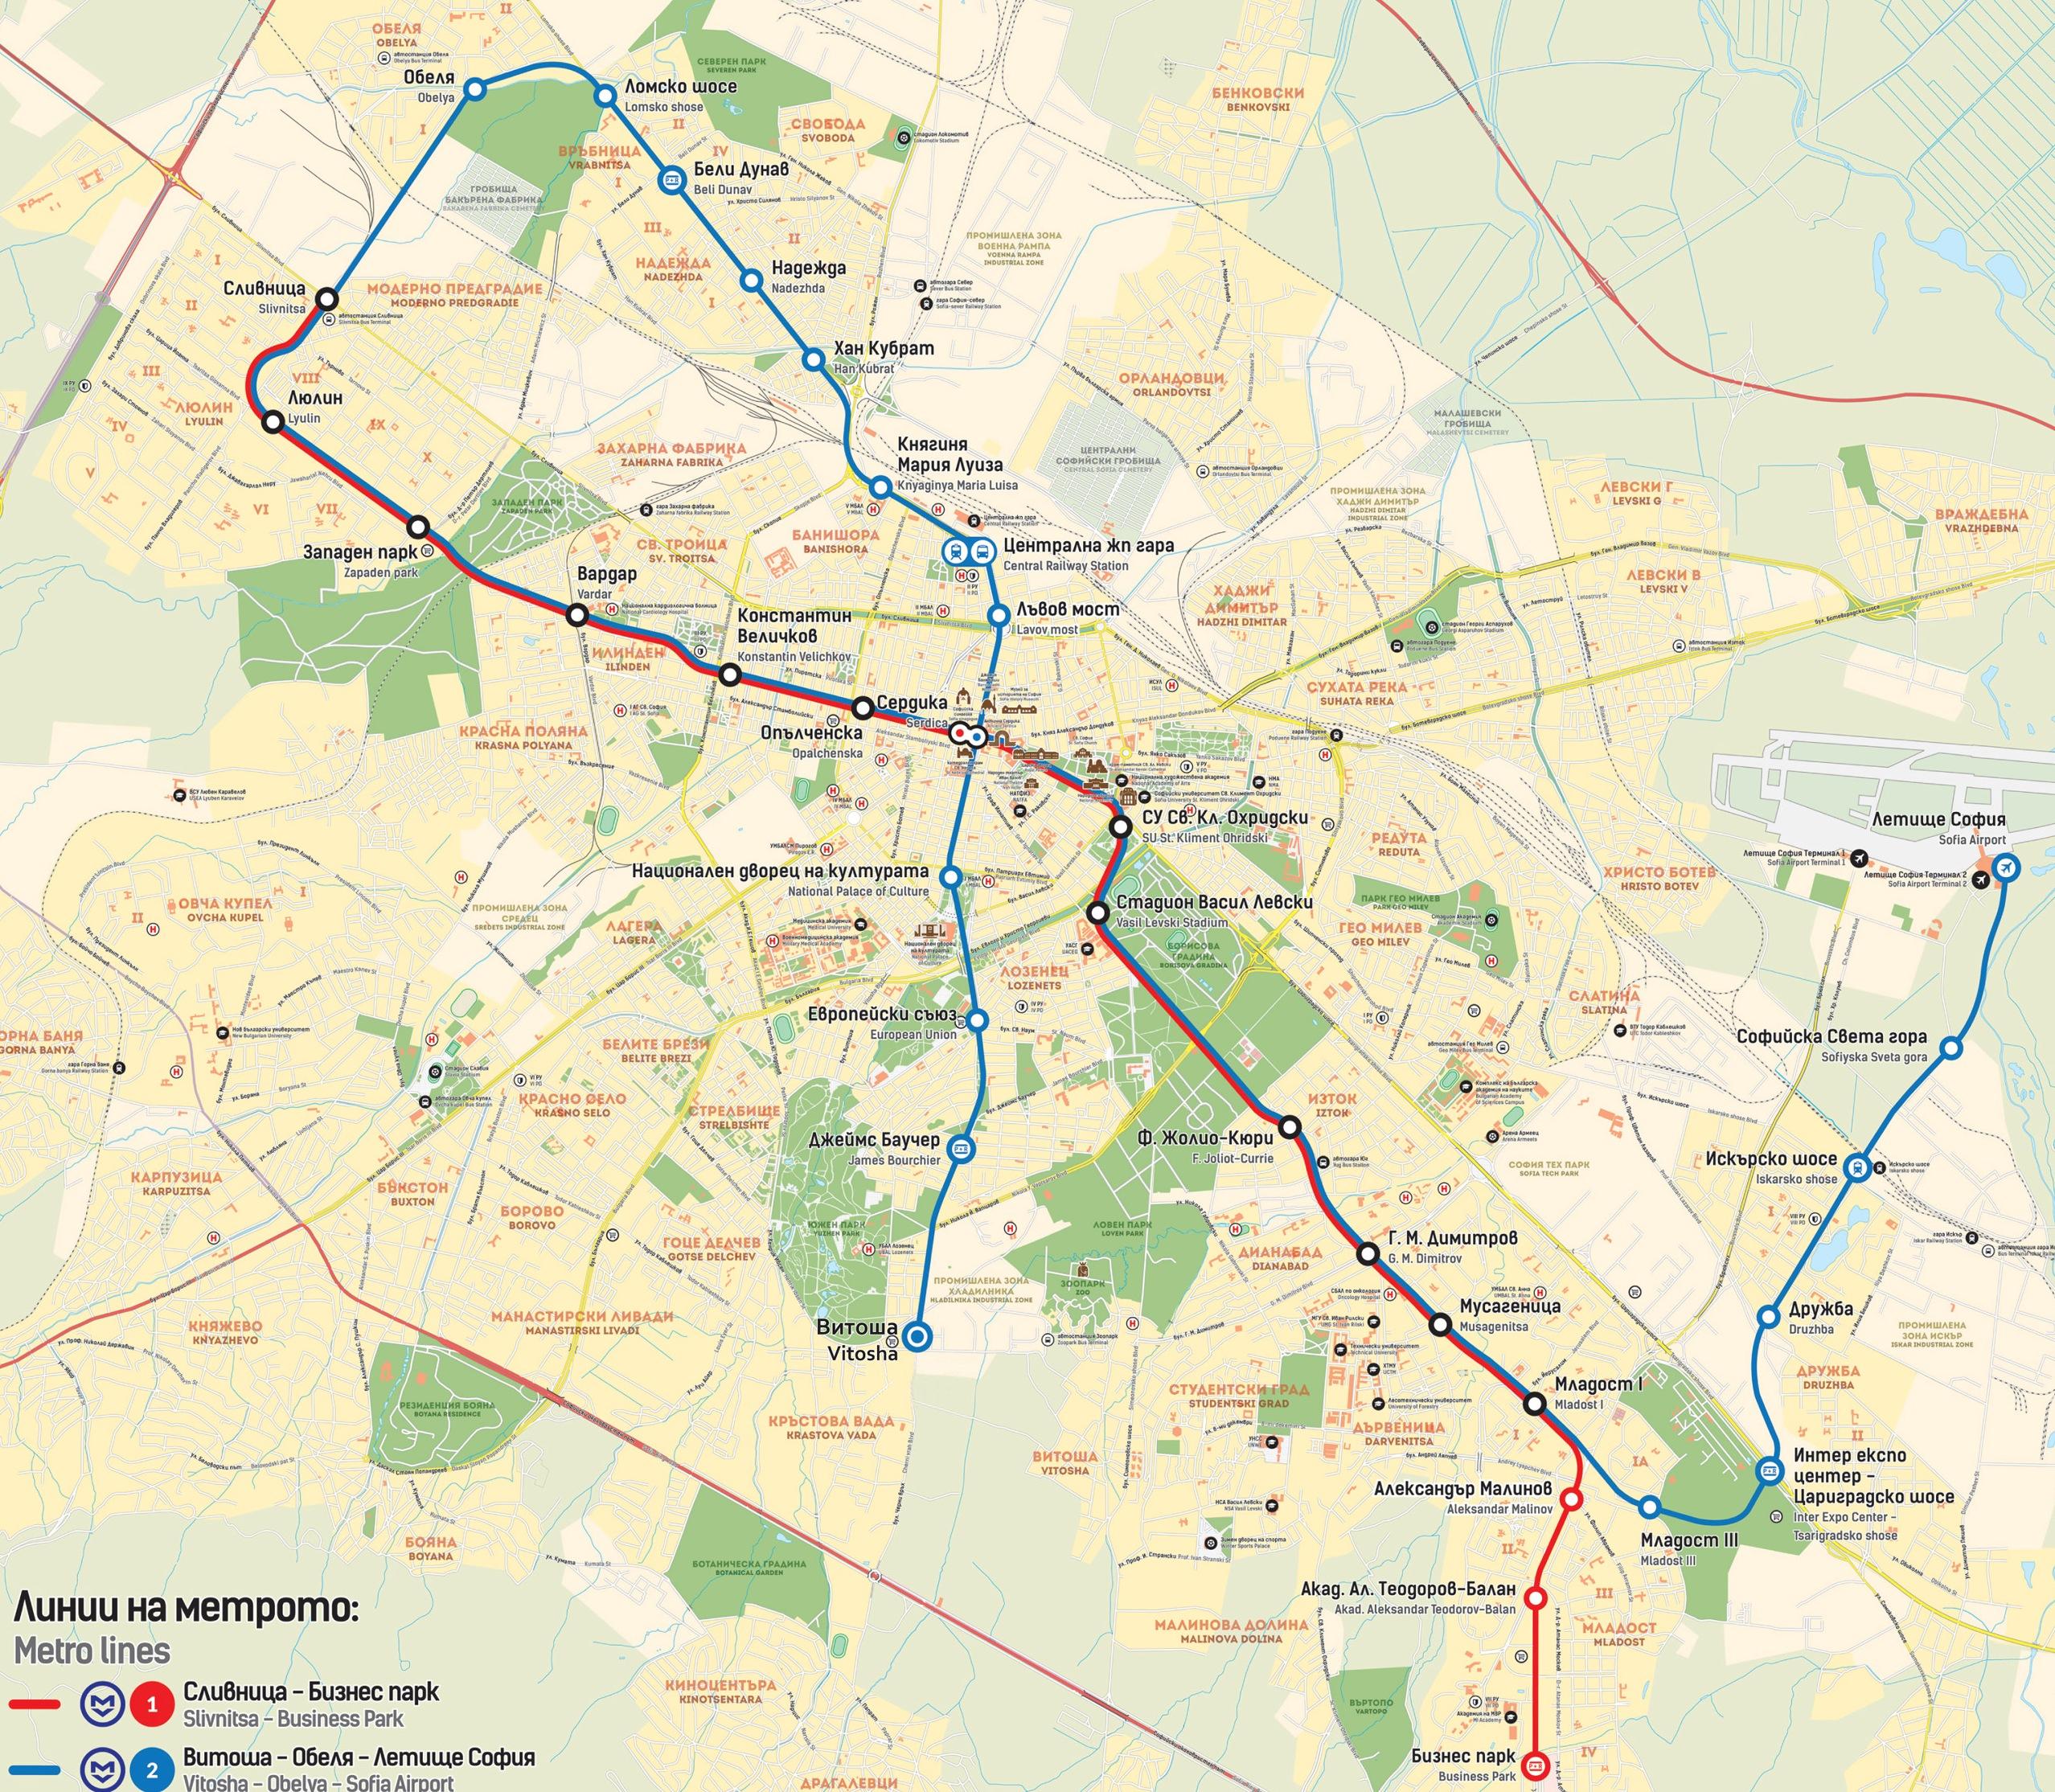 Схема метро города Софии